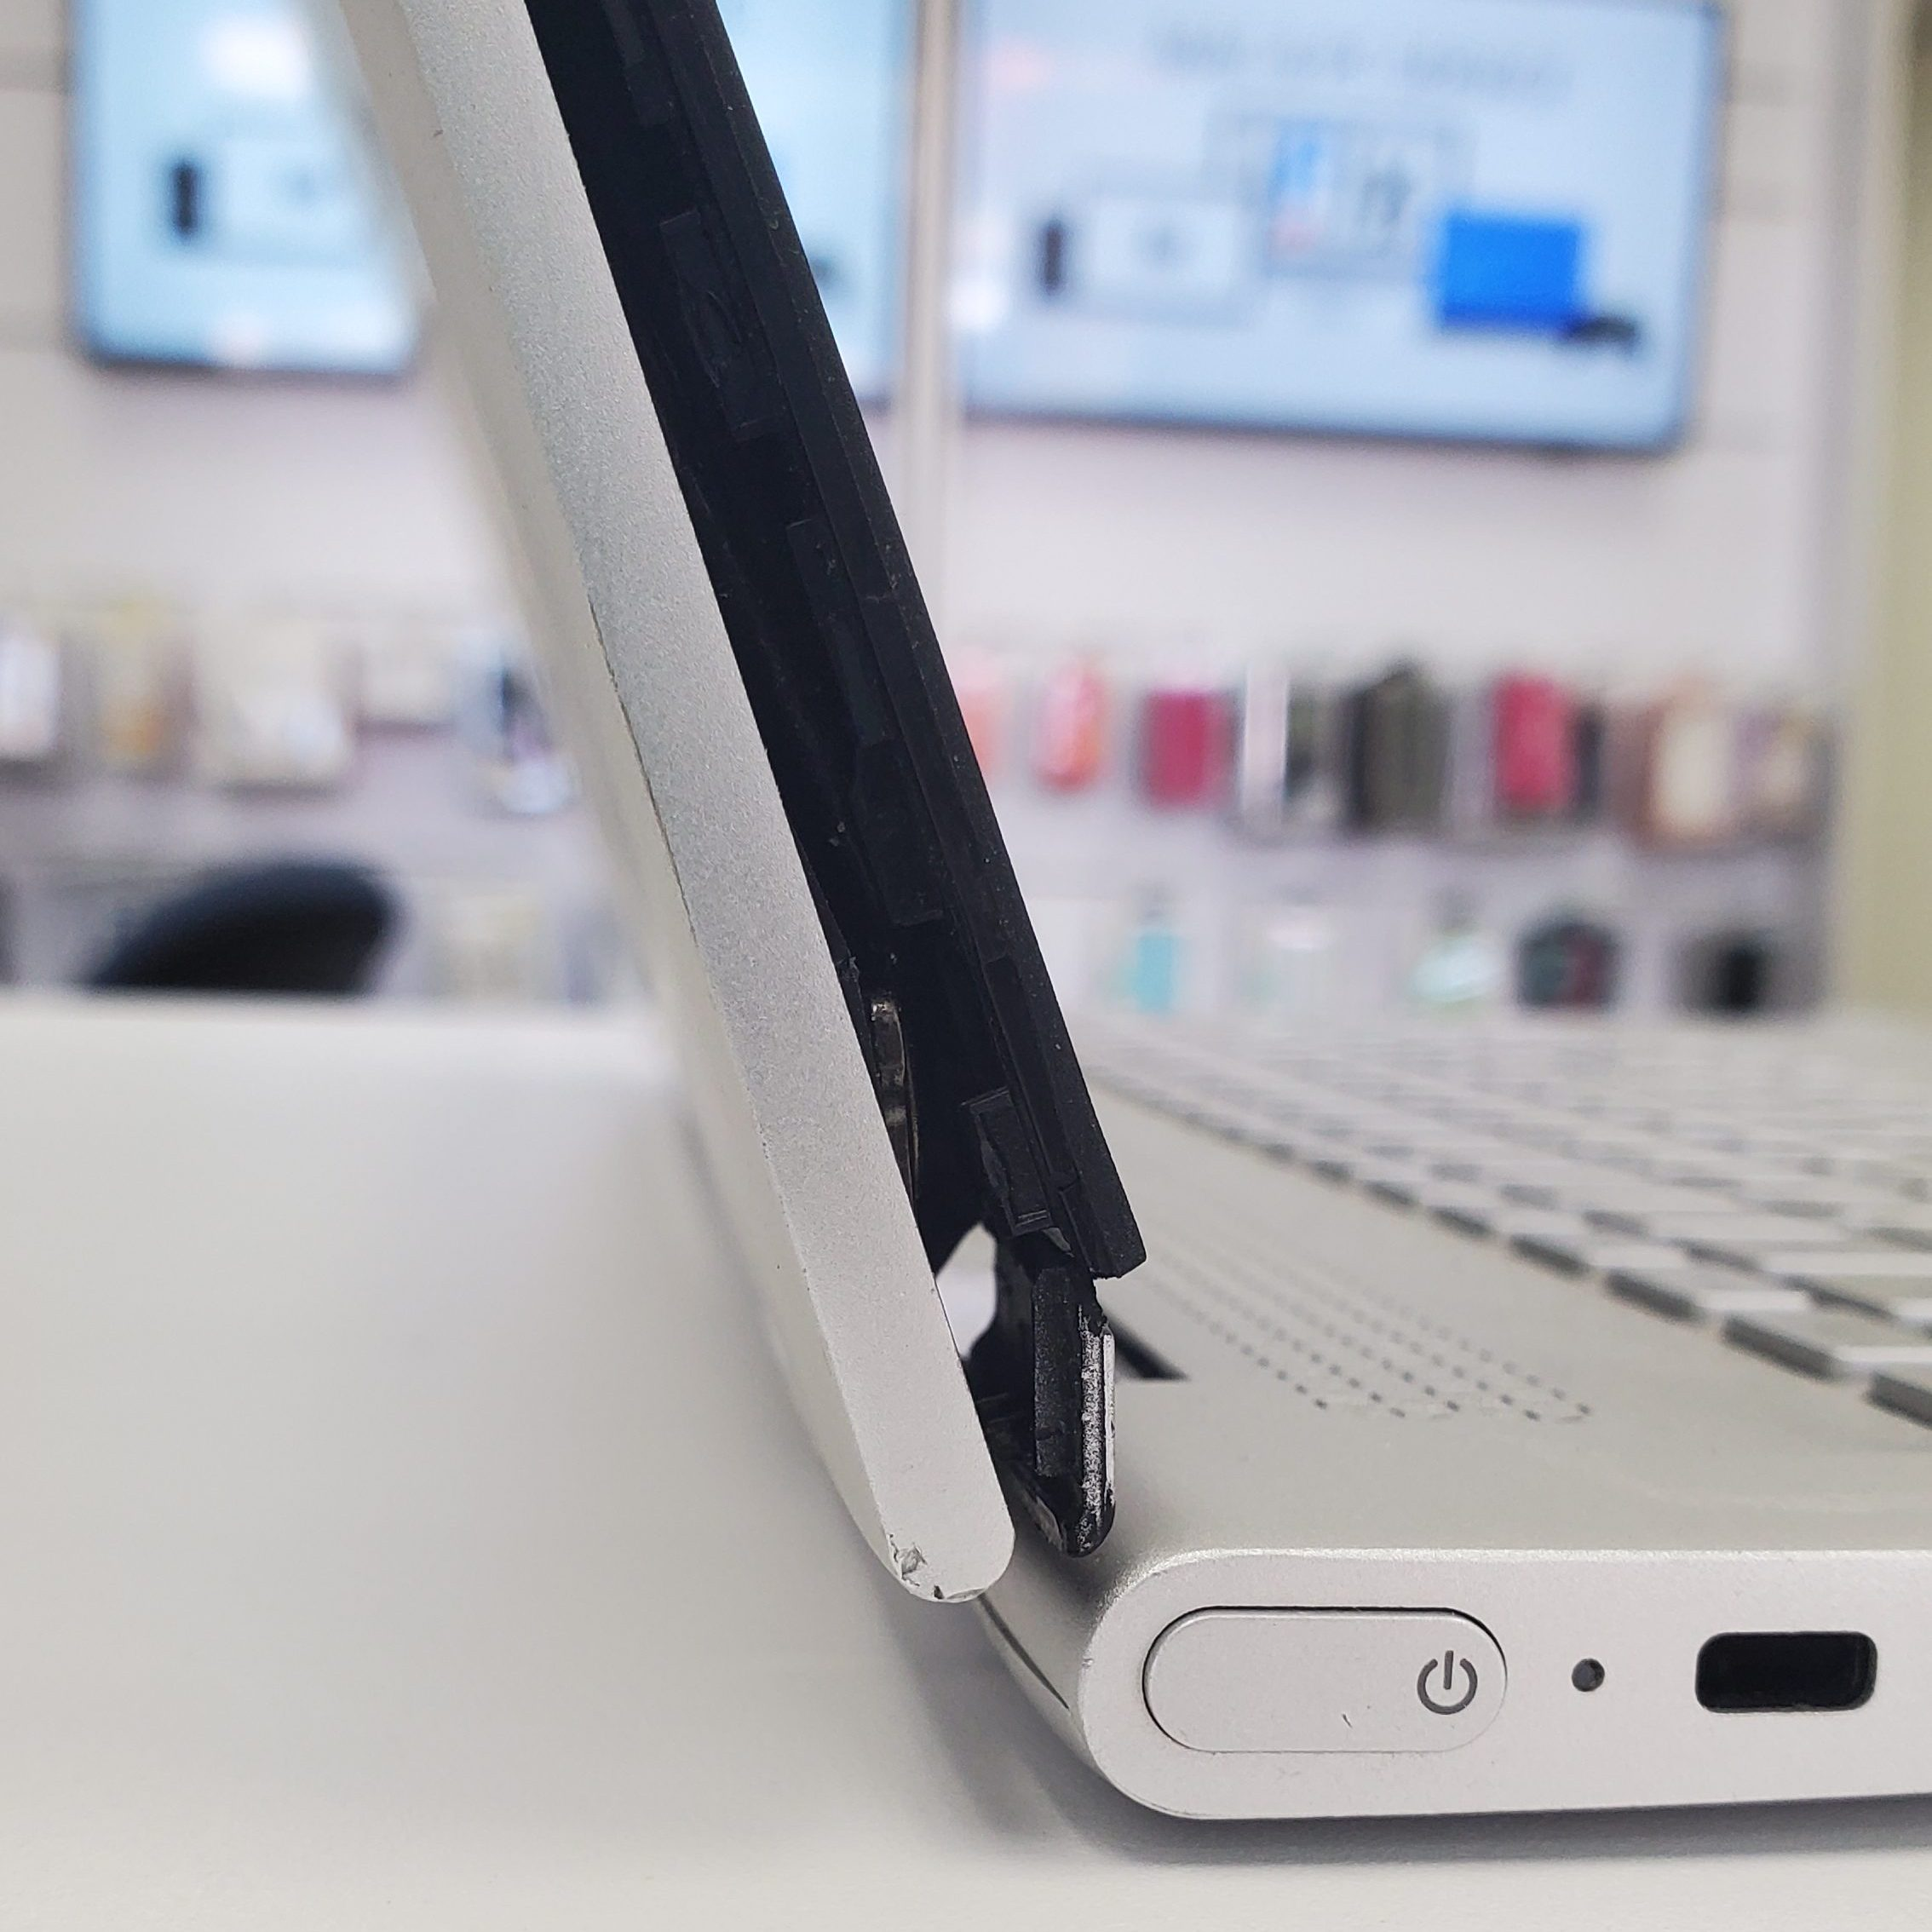 laptop-hinge-repair